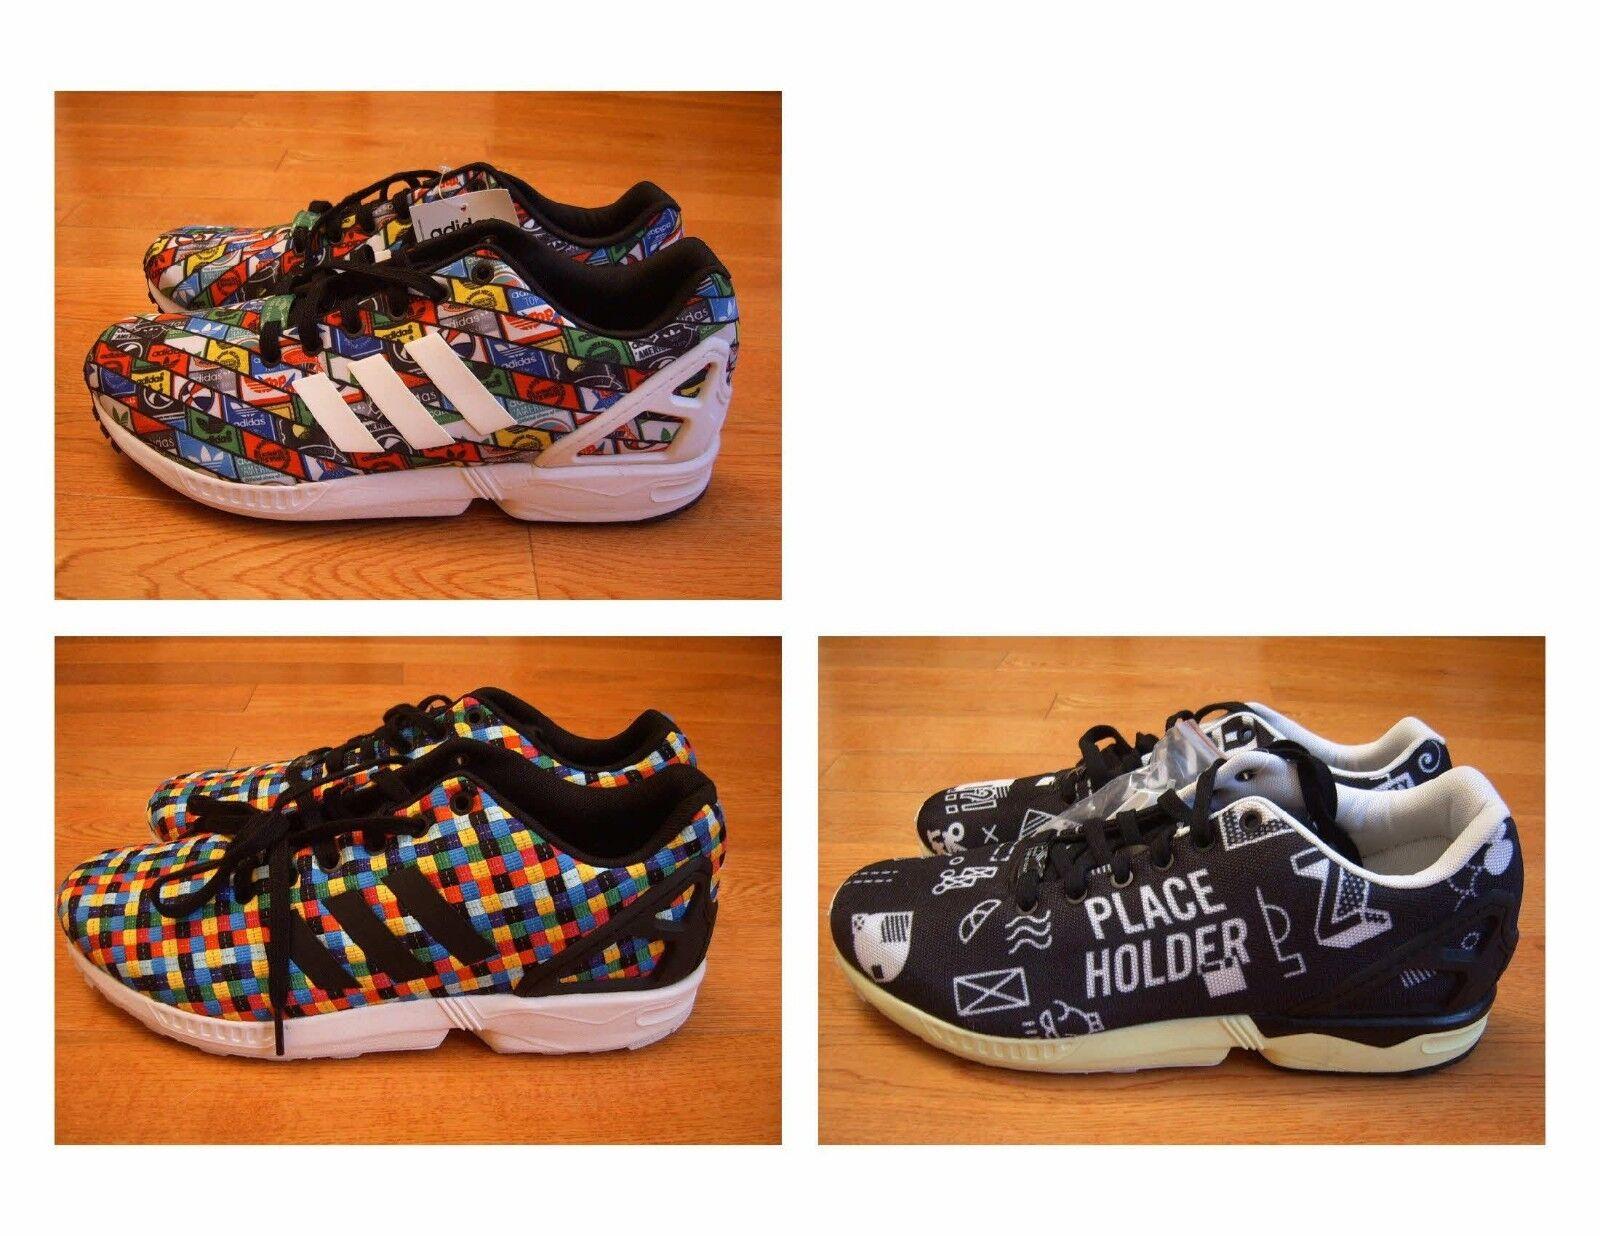 neue ohne box adidas zx flux schuhe 10,5 / turnschuhe, sz uns 10,5 schuhe und us - 11, superstar 117983